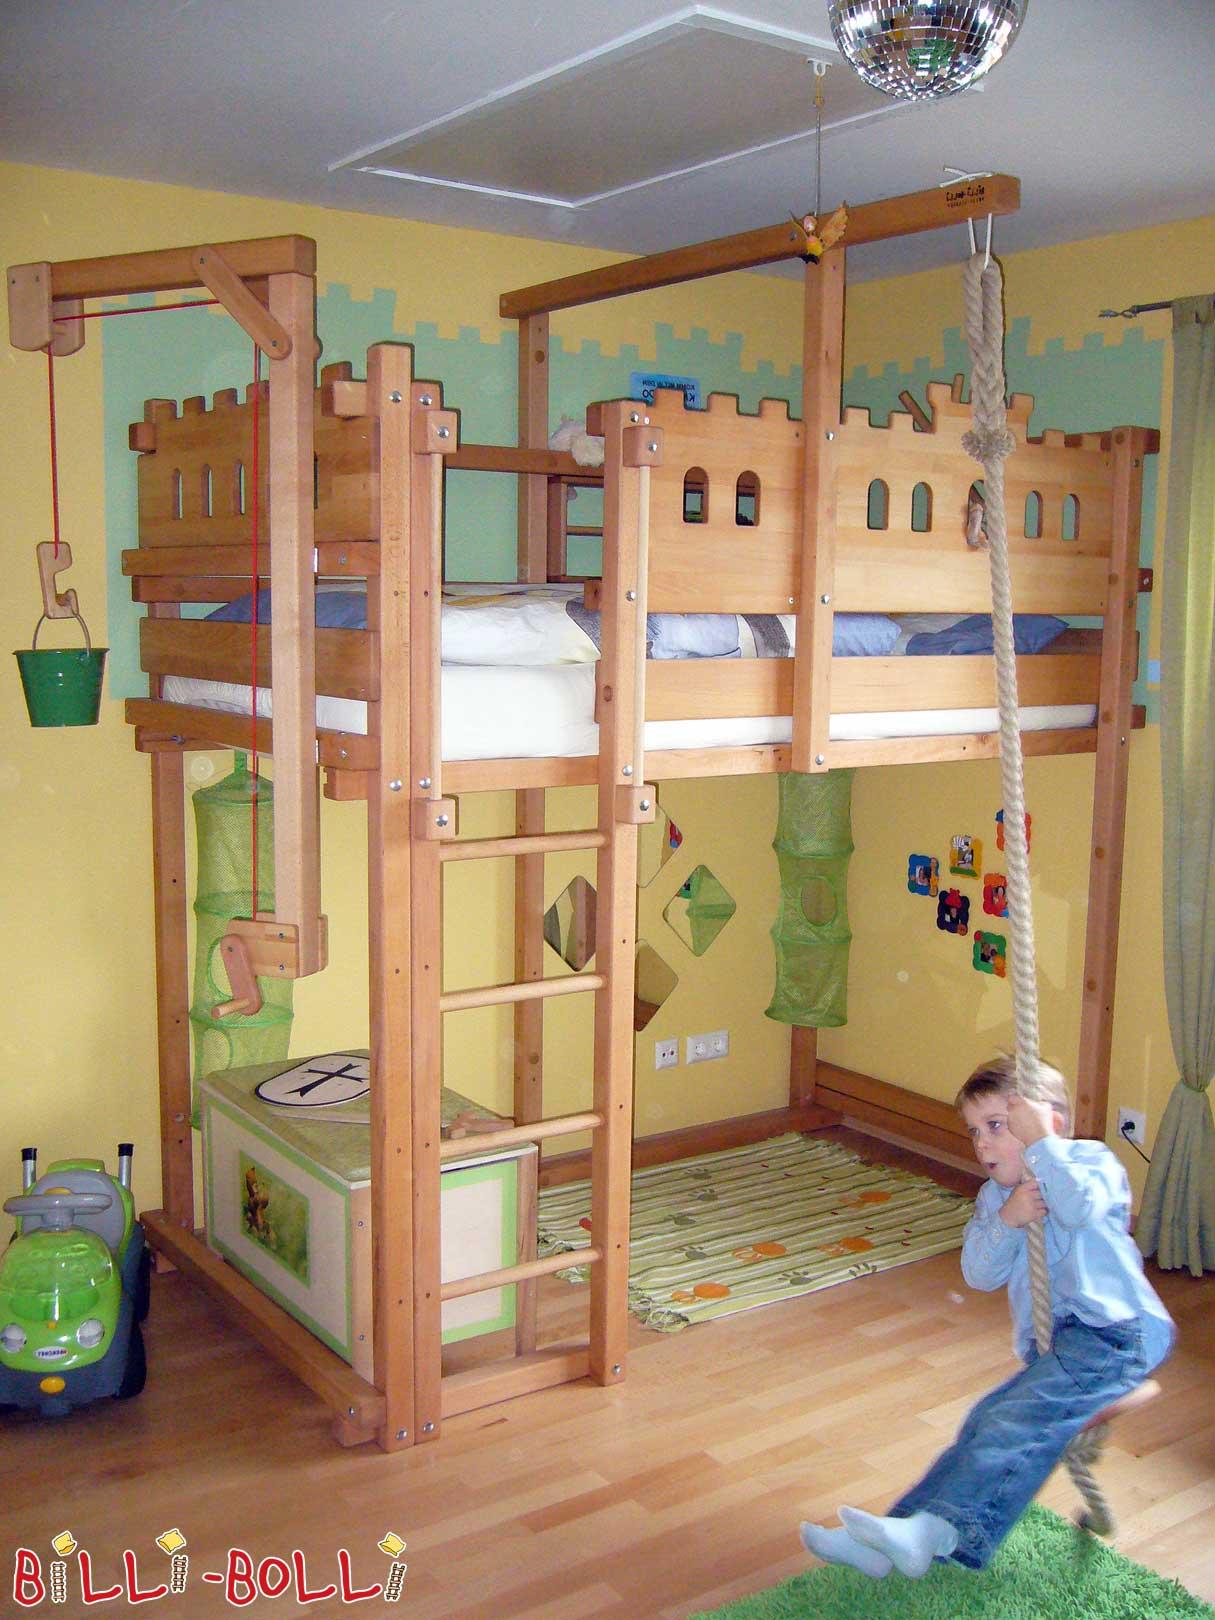 Full Size of Hochbett Mitwachsend Fr Online Kaufen Billi Bolli Regal Kinderzimmer Weiß Sofa Regale Kinderzimmer Hochbetten Kinderzimmer